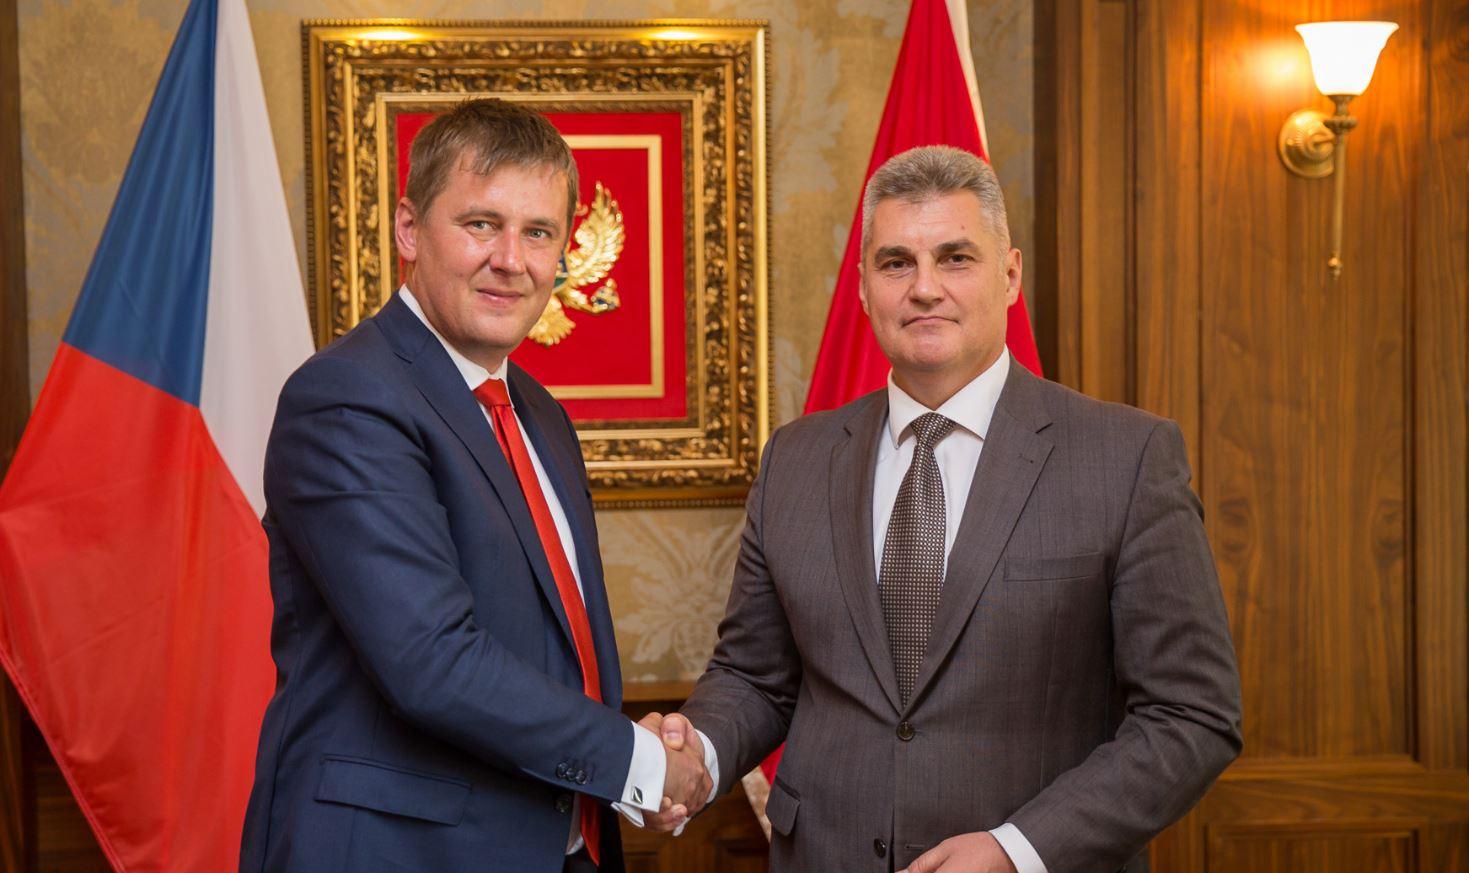 Brajović sa šefom češke diplomatije: Politika proširenja da ostane visoko na listi prioriteta EU